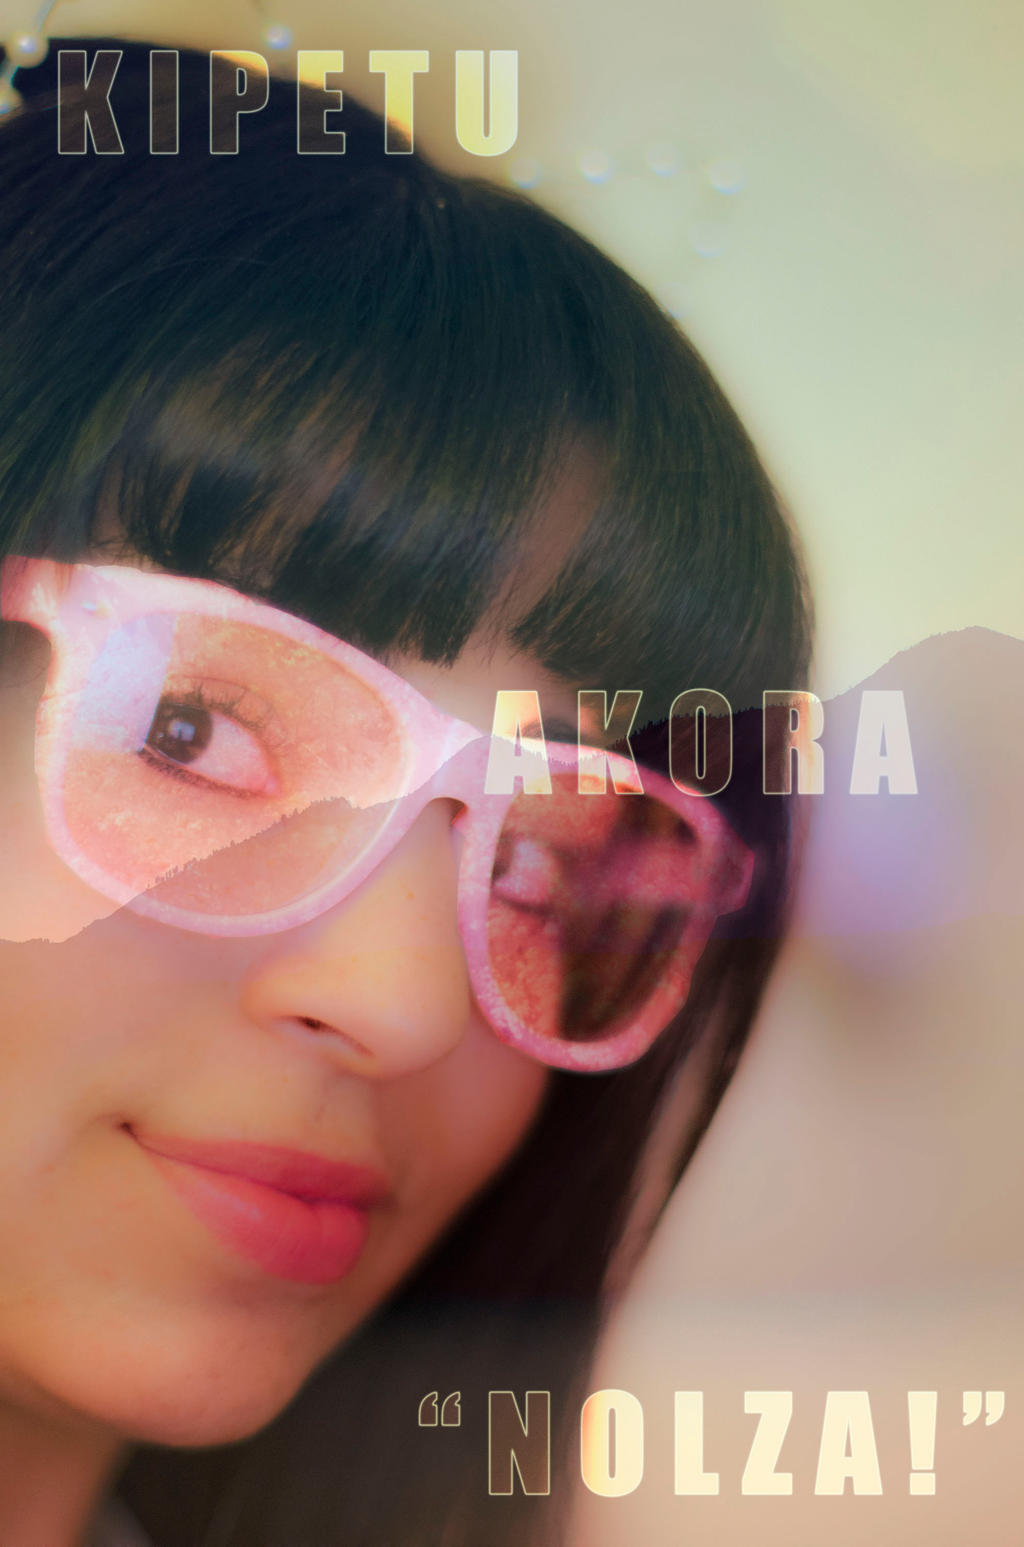 KipetuAkora's Profile Picture